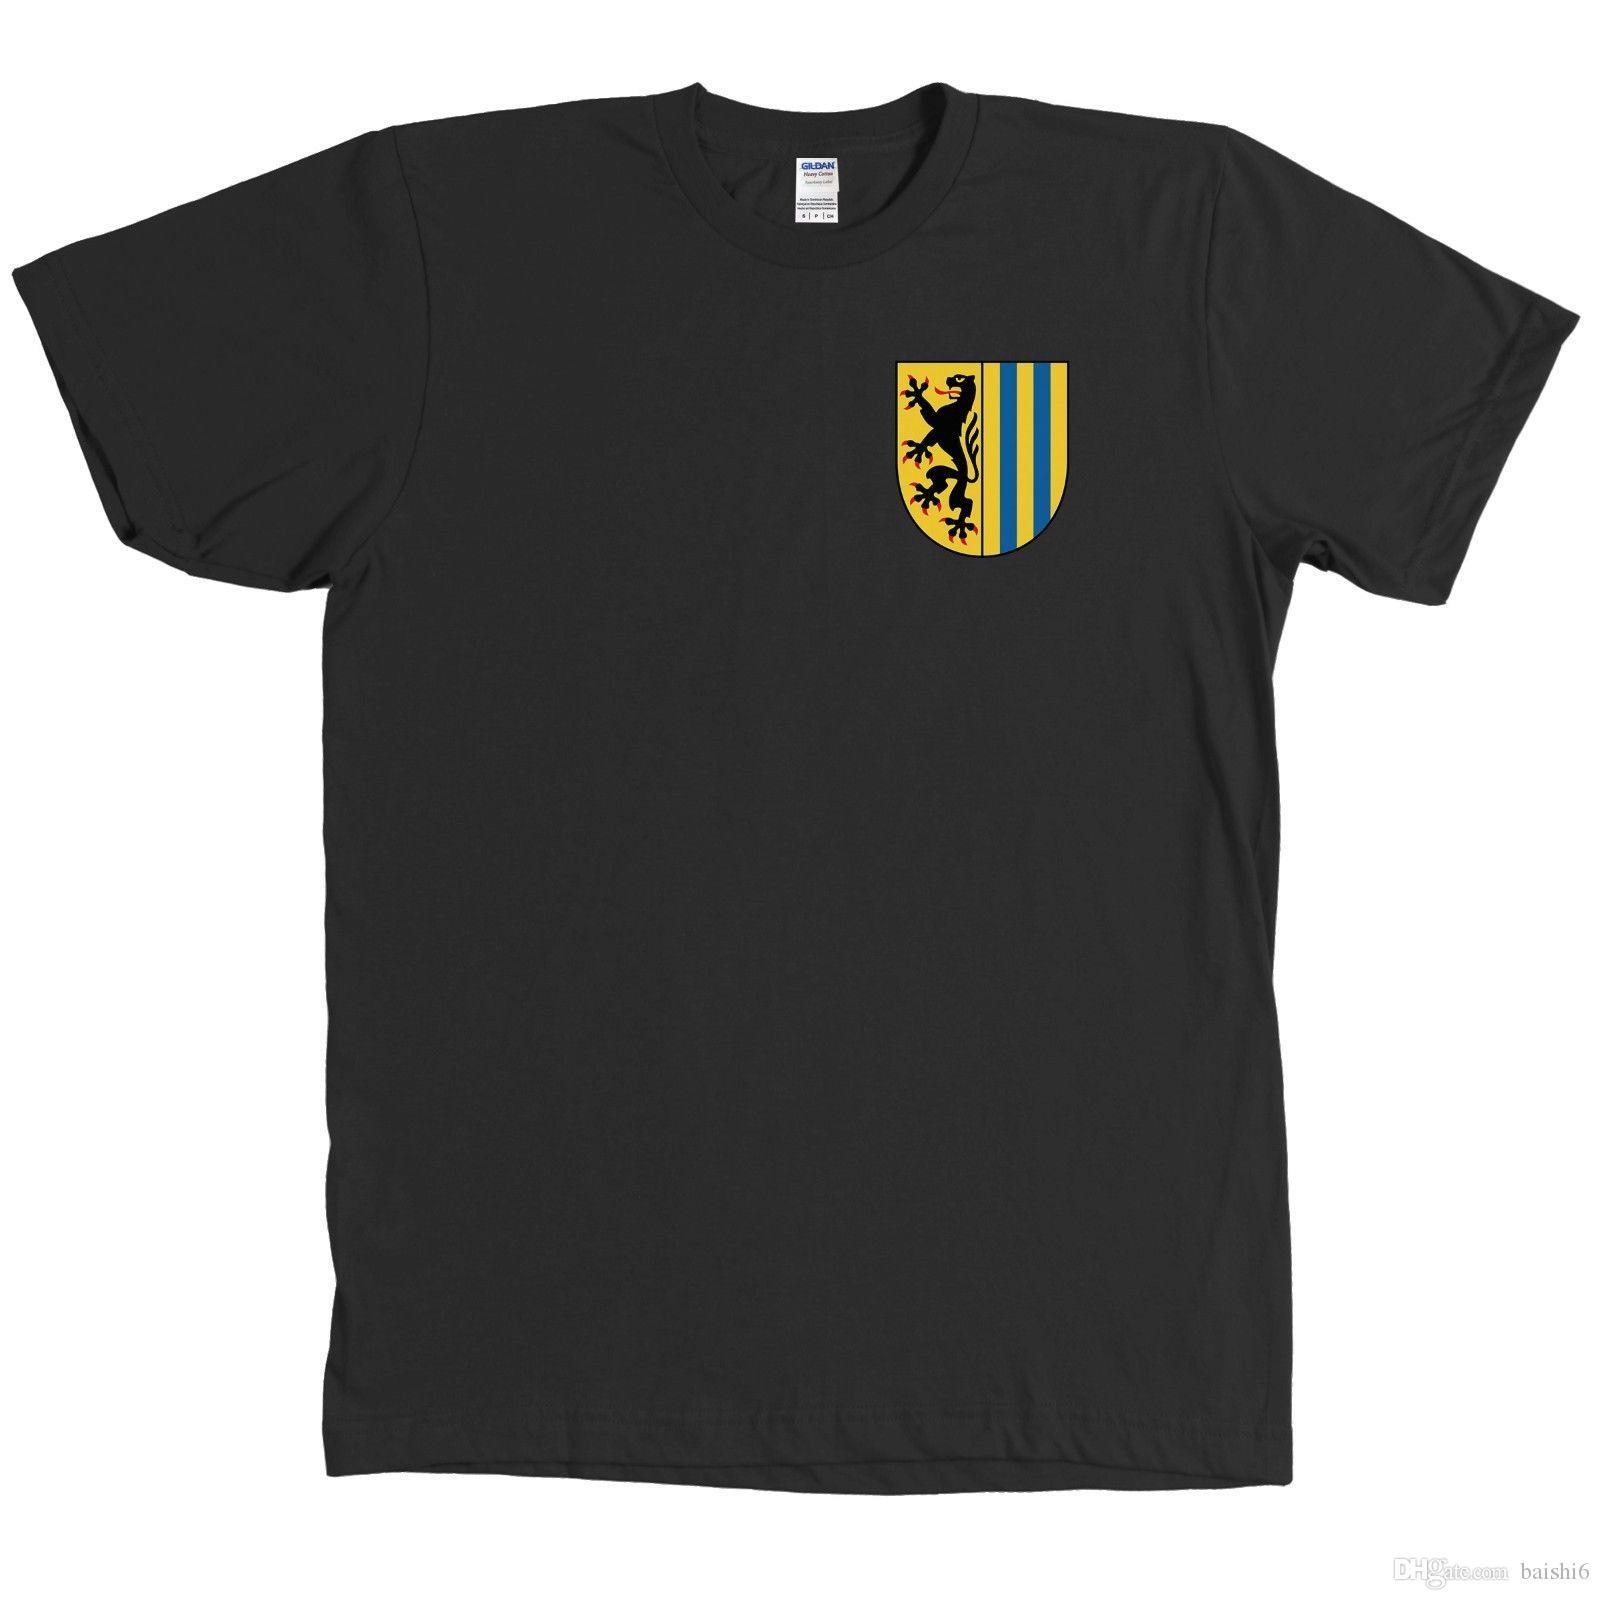 ace33f2bcd Compre Leipzig Saxônia Alemanha Brasão Camisa Fan Tee Mais Cores Short  Sleeve Mens Camisas Formais De Baishi6, $11.58 | Pt.Dhgate.Com